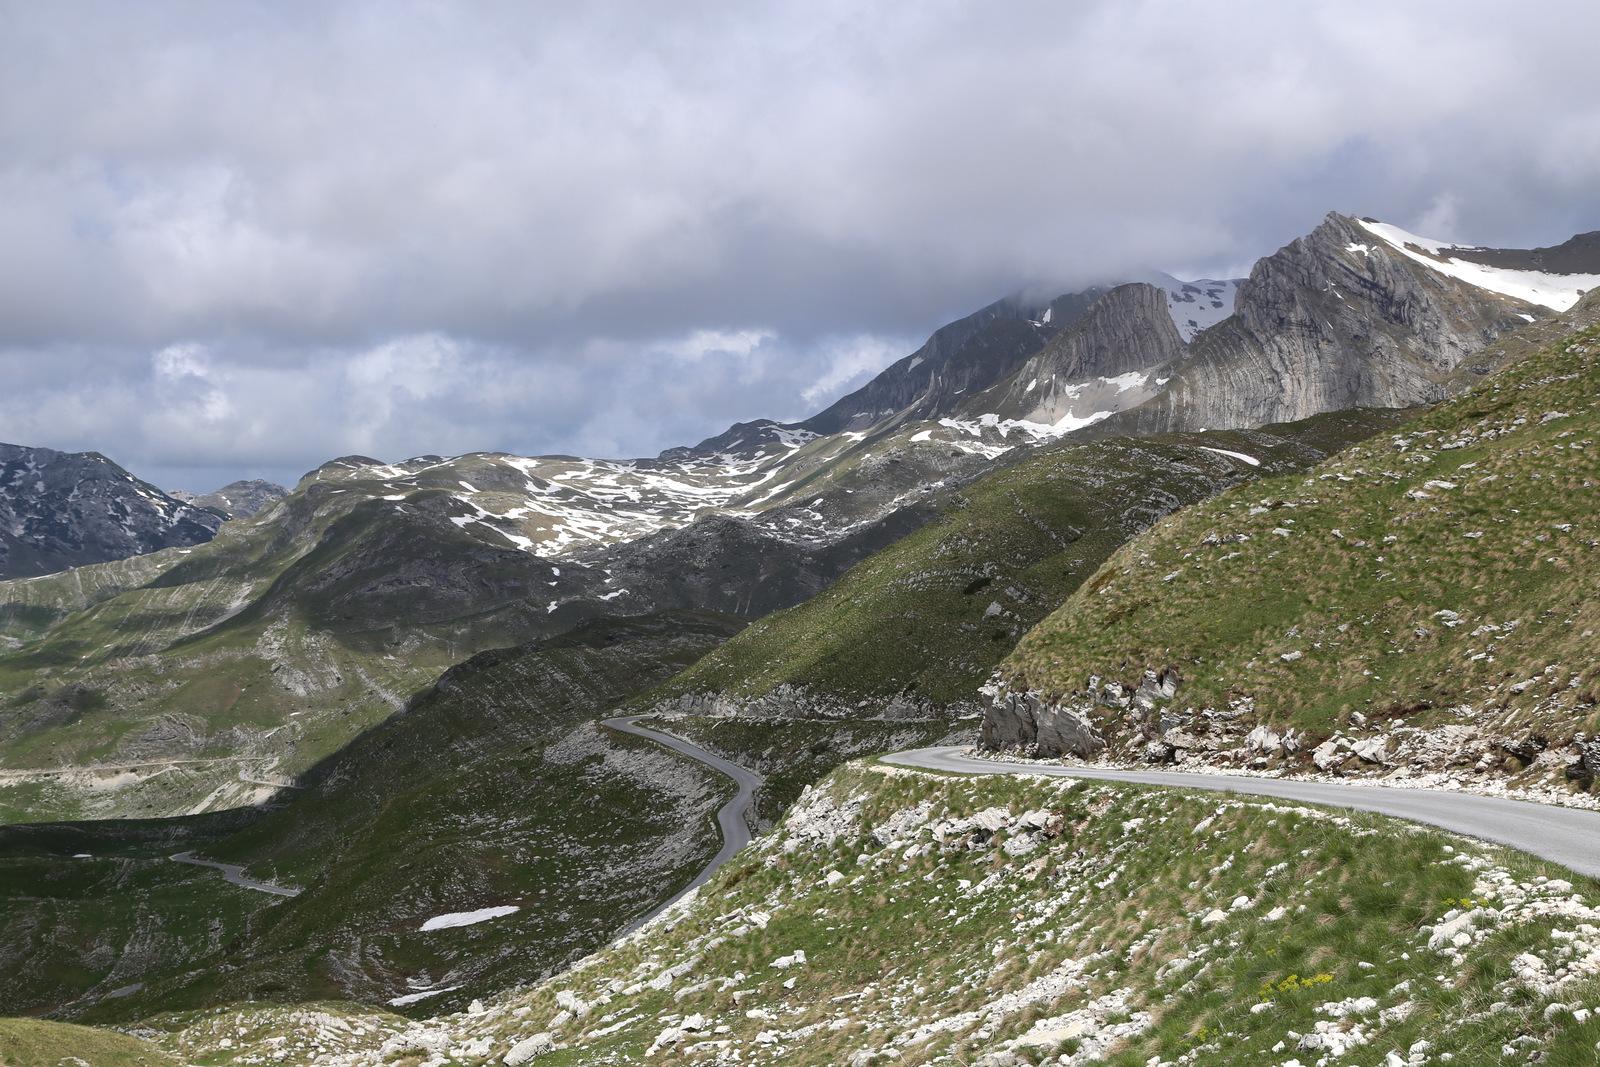 Durmitor, mountain road from Zabljak to Pluzine